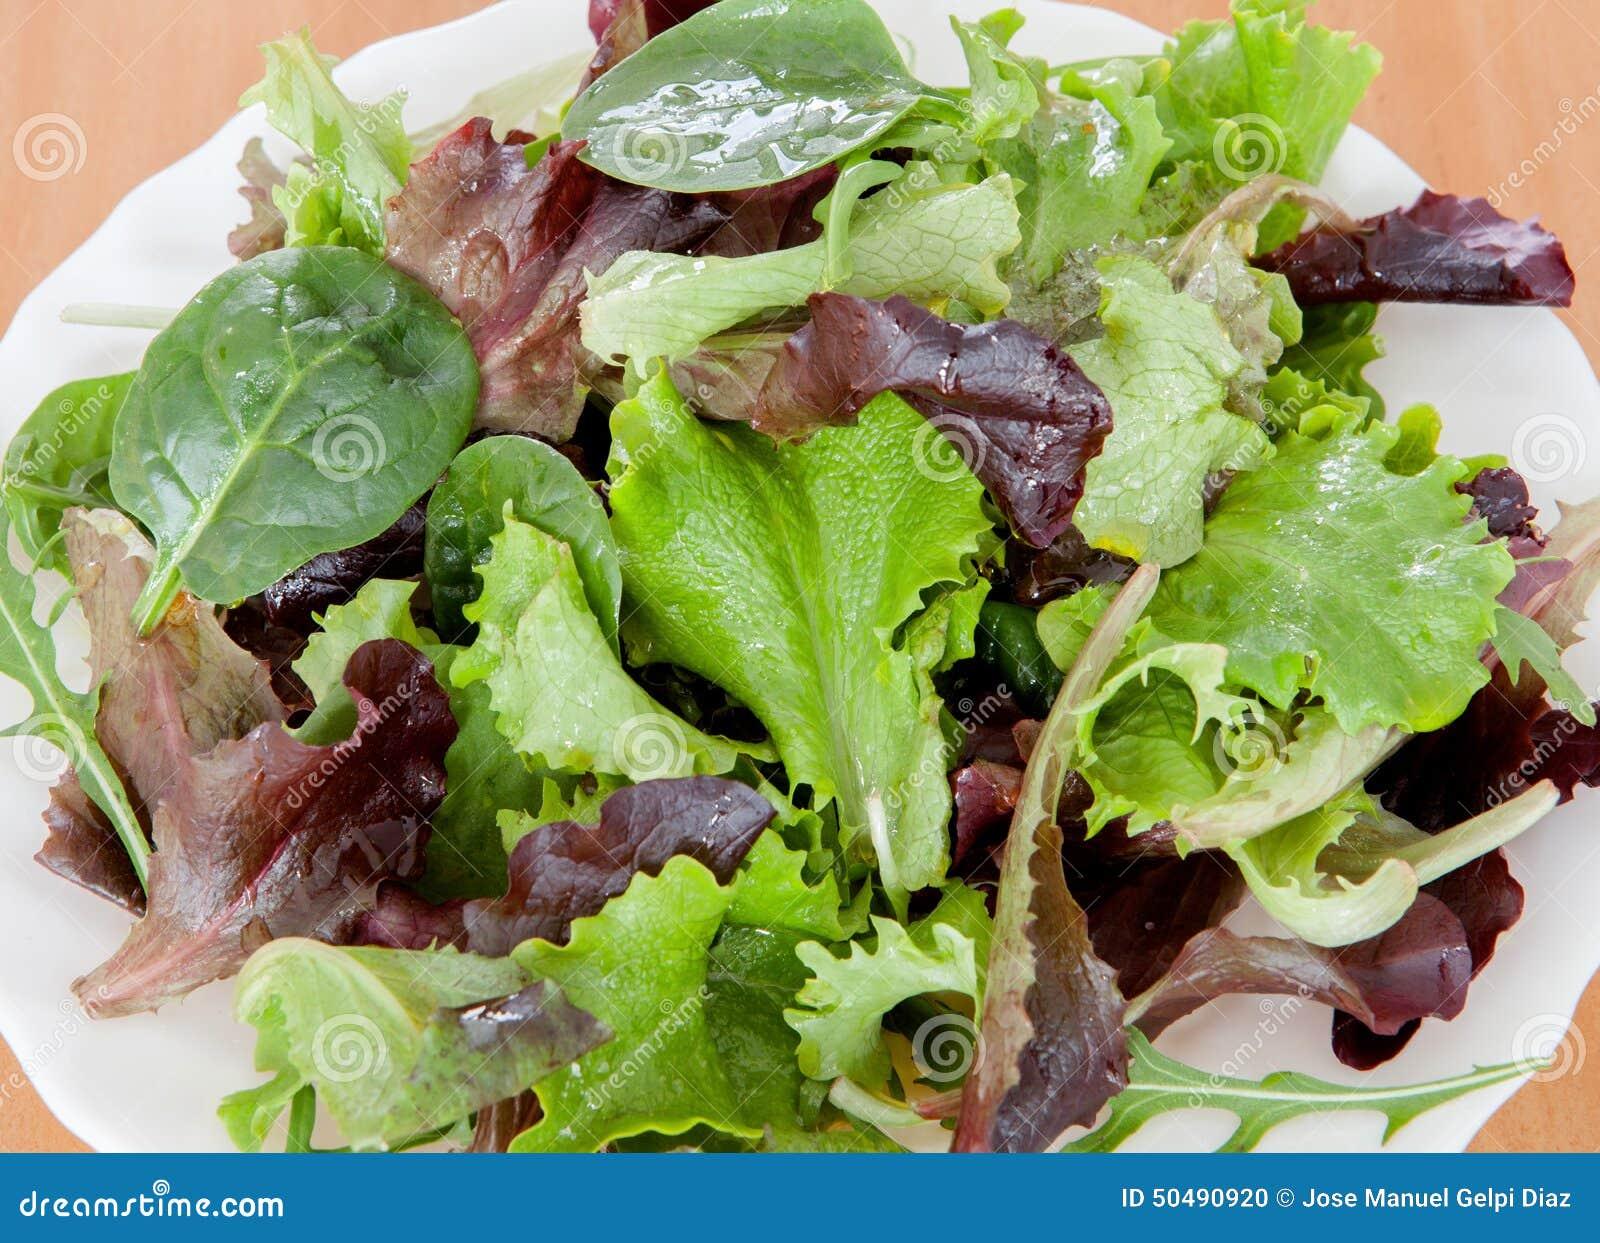 Листья салата фото и виды